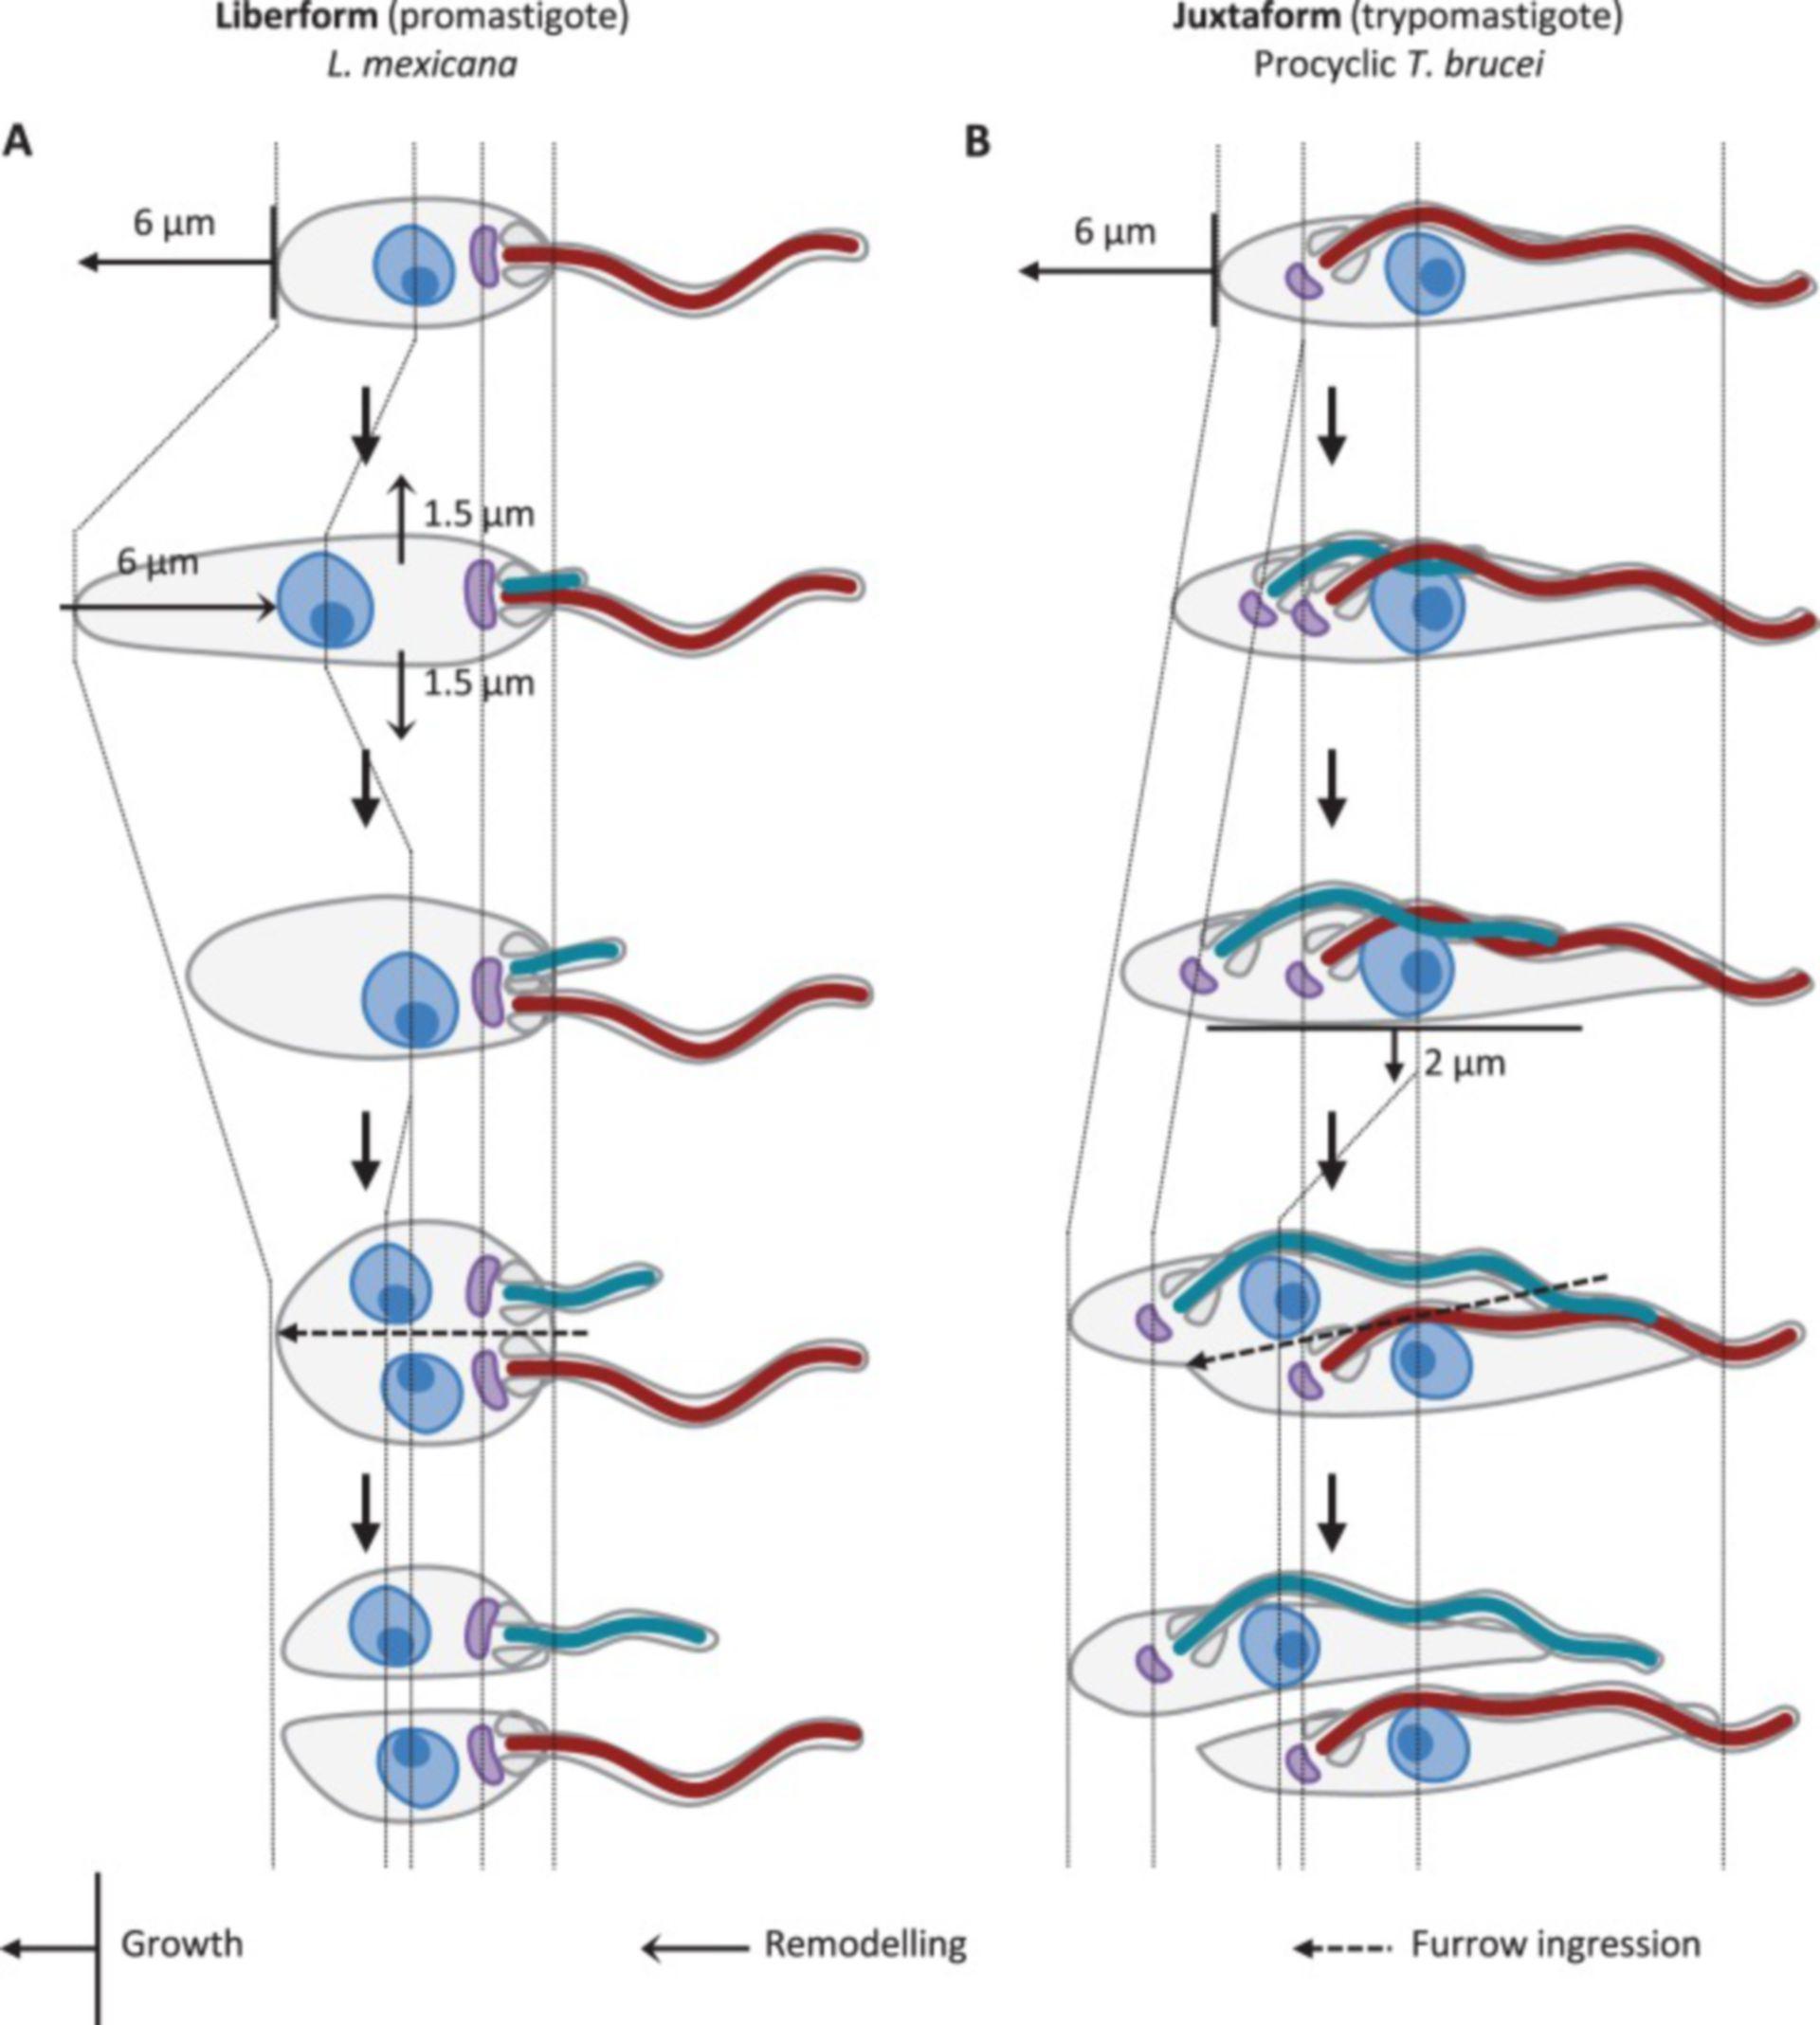 Morphogenese eines Promastigoten und eines Trypomastigoten